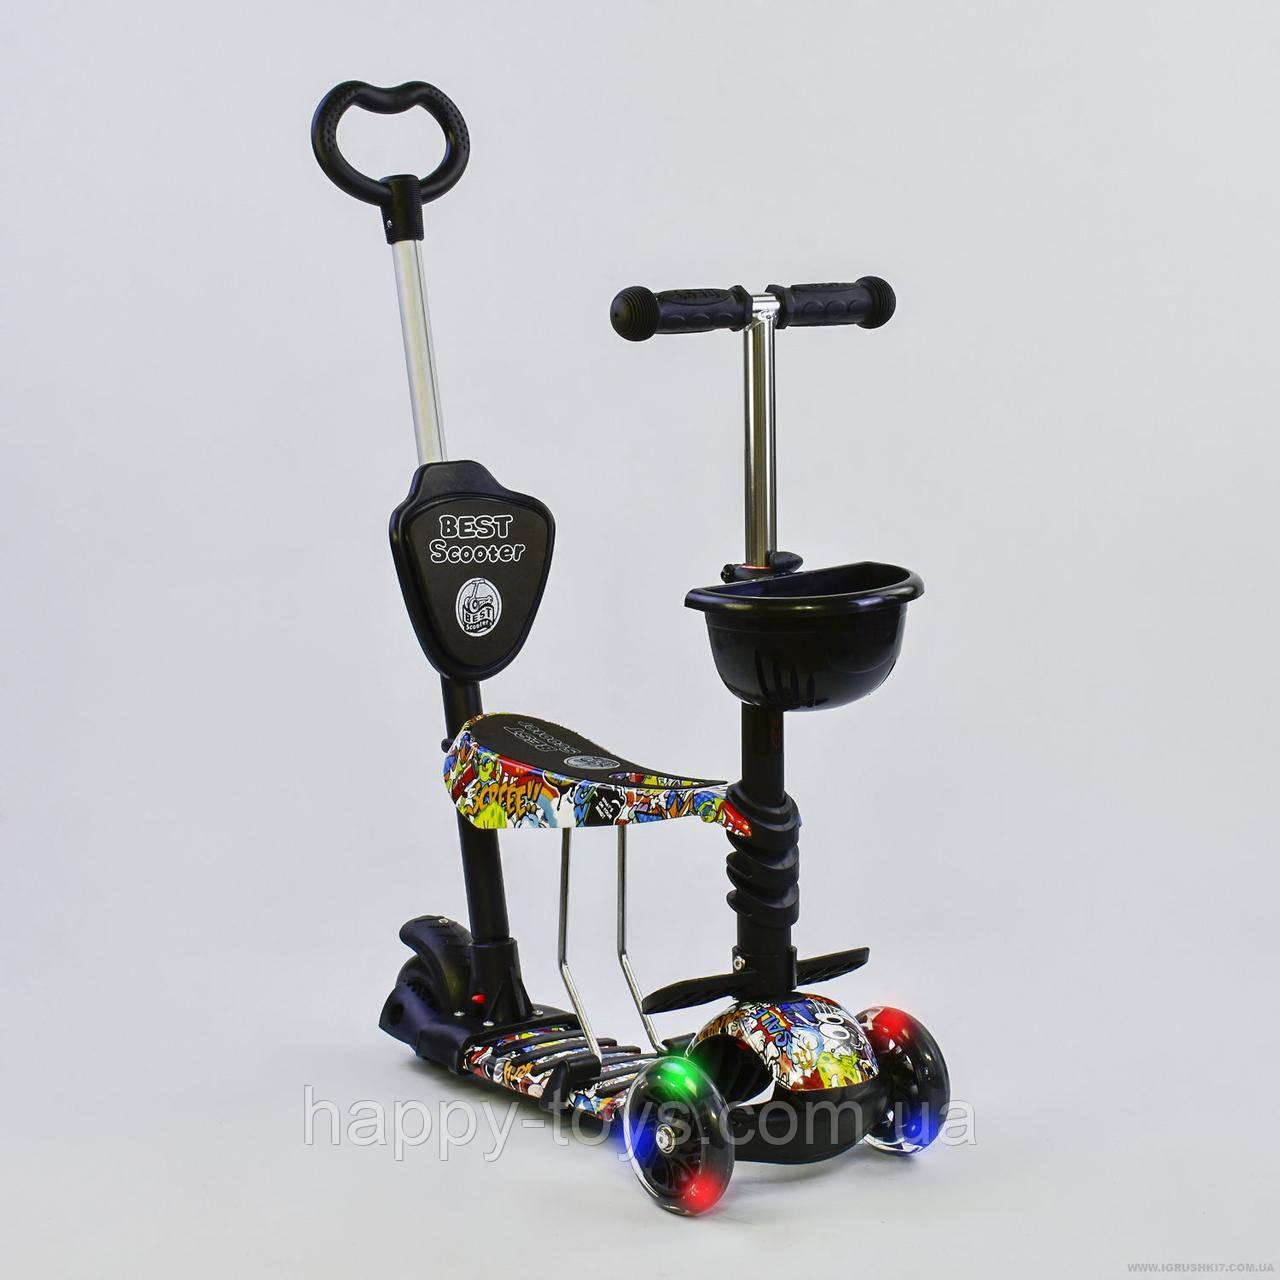 Детский самокат с сидением, родительской ручкой, со светящимися колесами Абстракция Best Scooter 34760